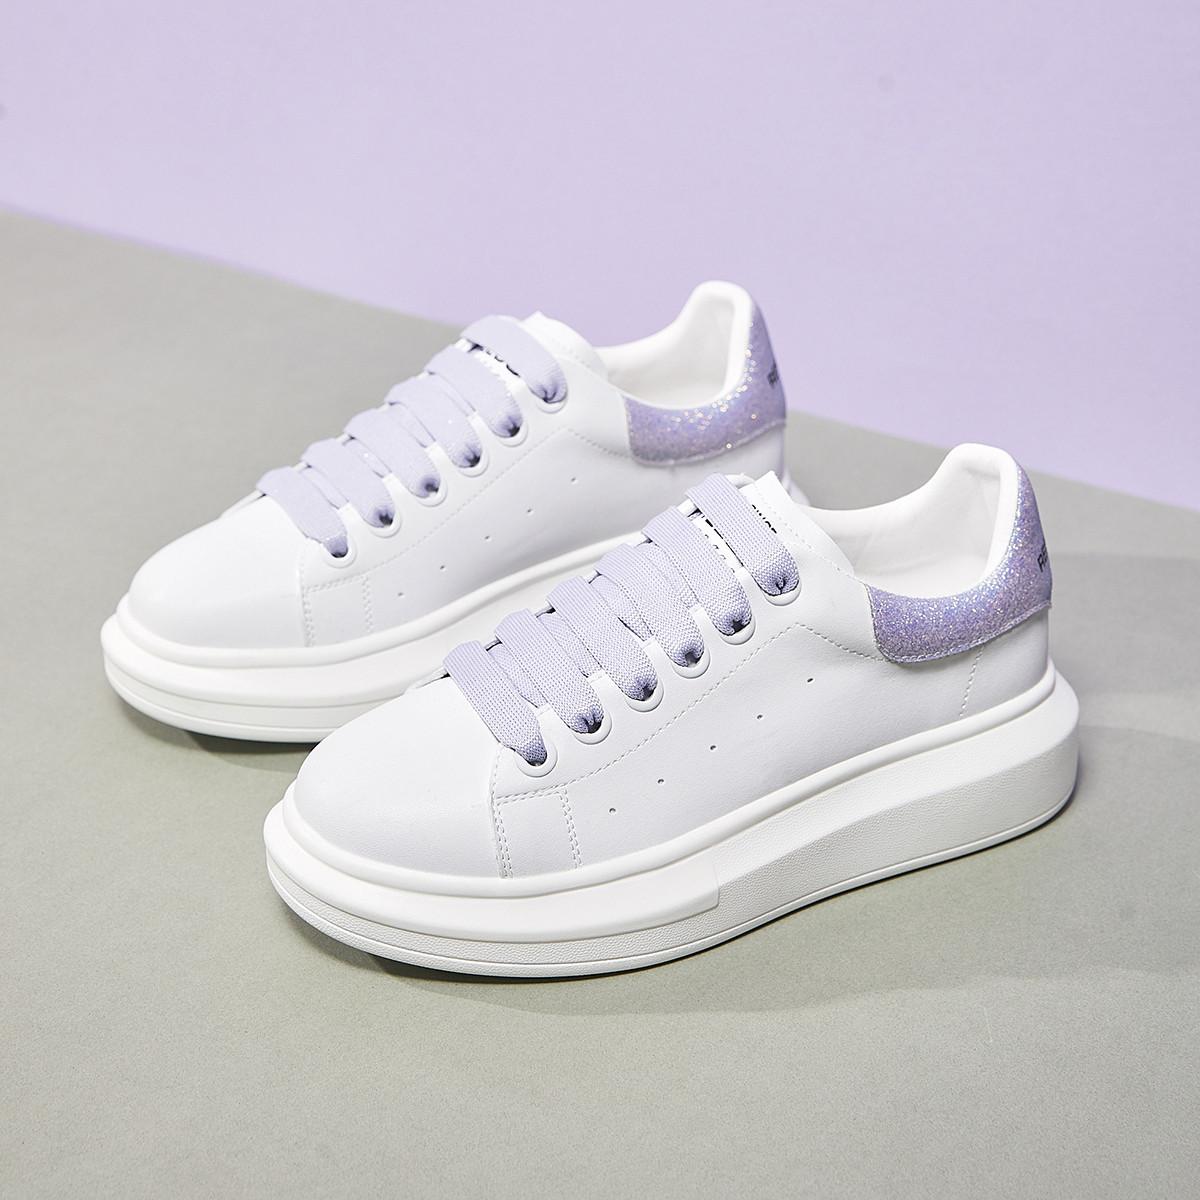 12113480521 女士小白鞋